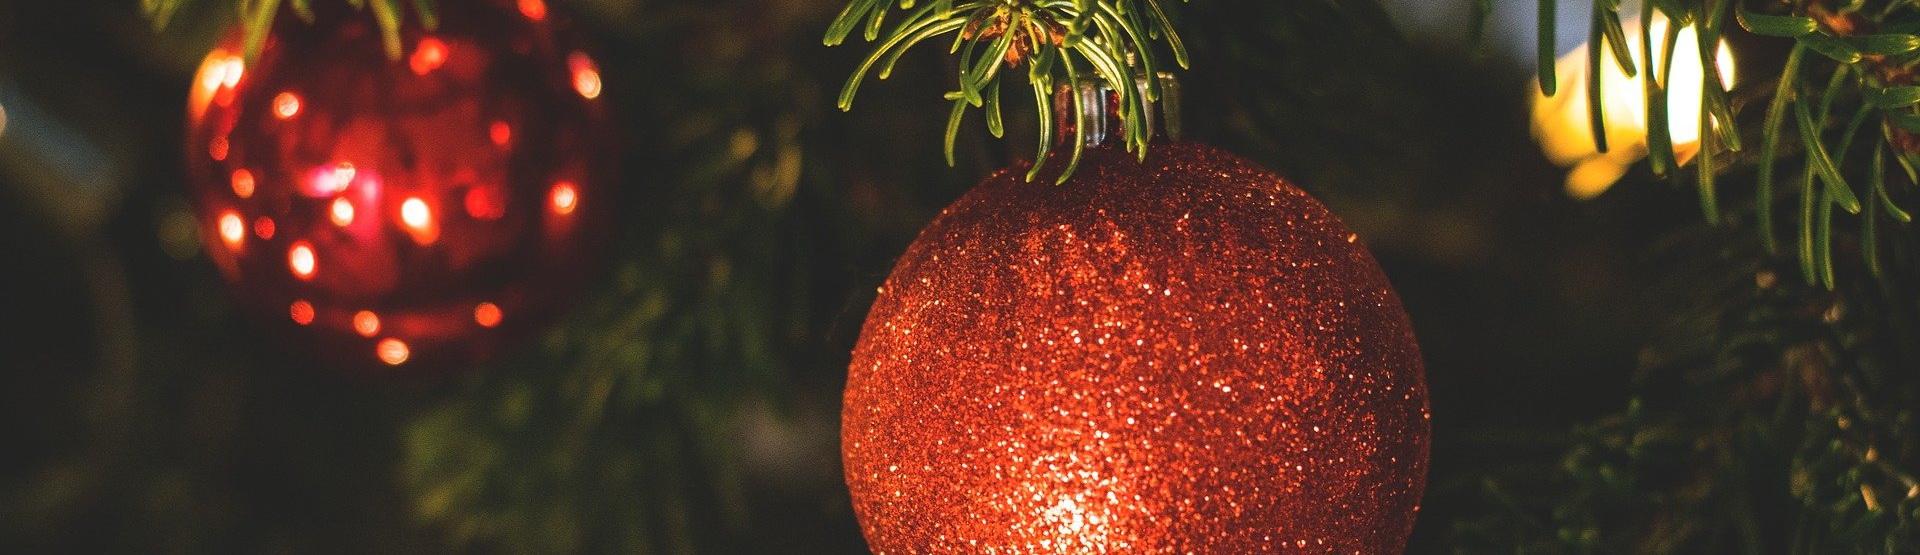 Zum Jahresausklang möchten wir Ihnen die allerbesten Wünsche schicken.